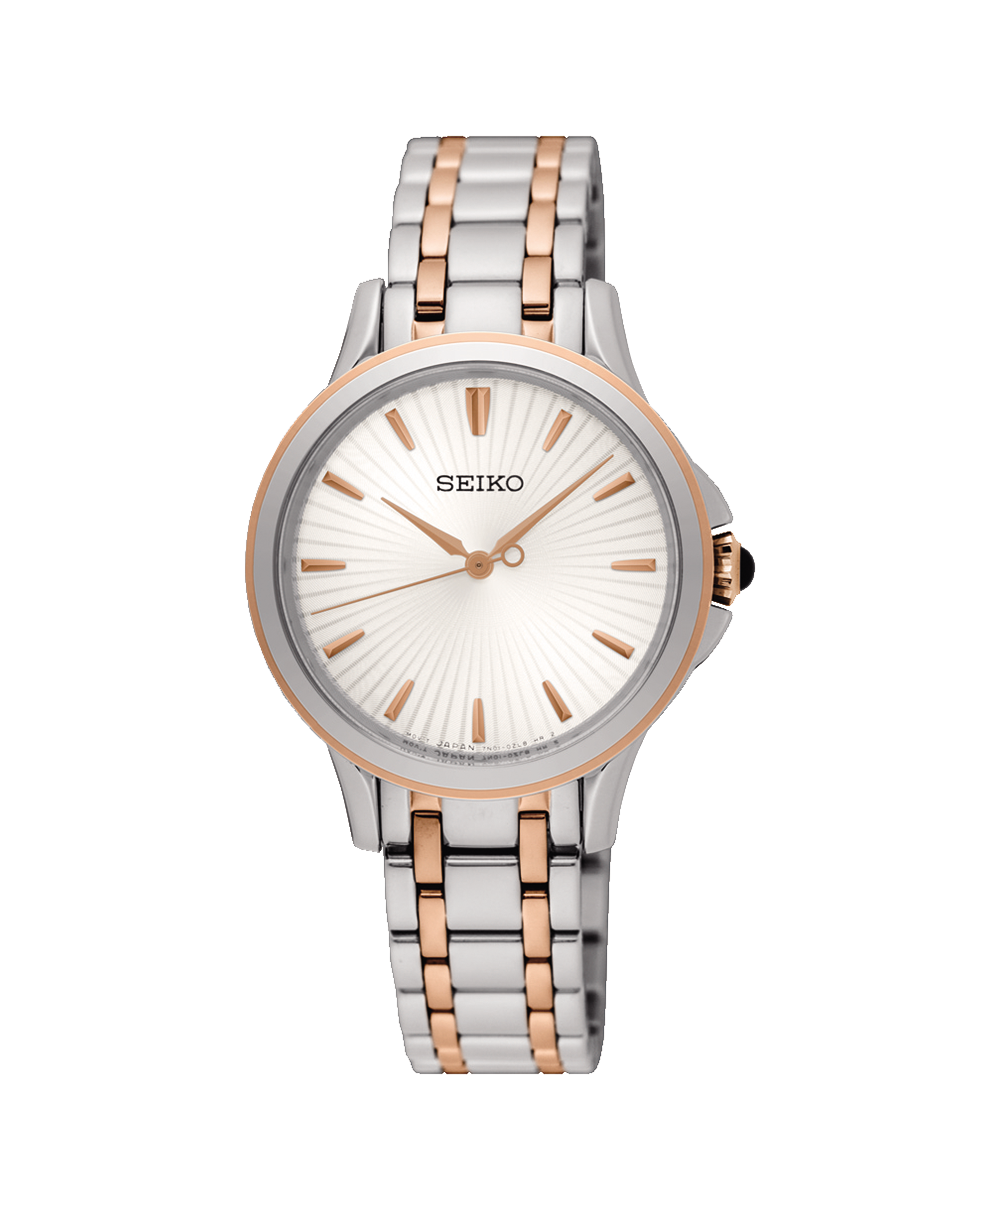 6cf6db46009c Reloj Seiko Lady